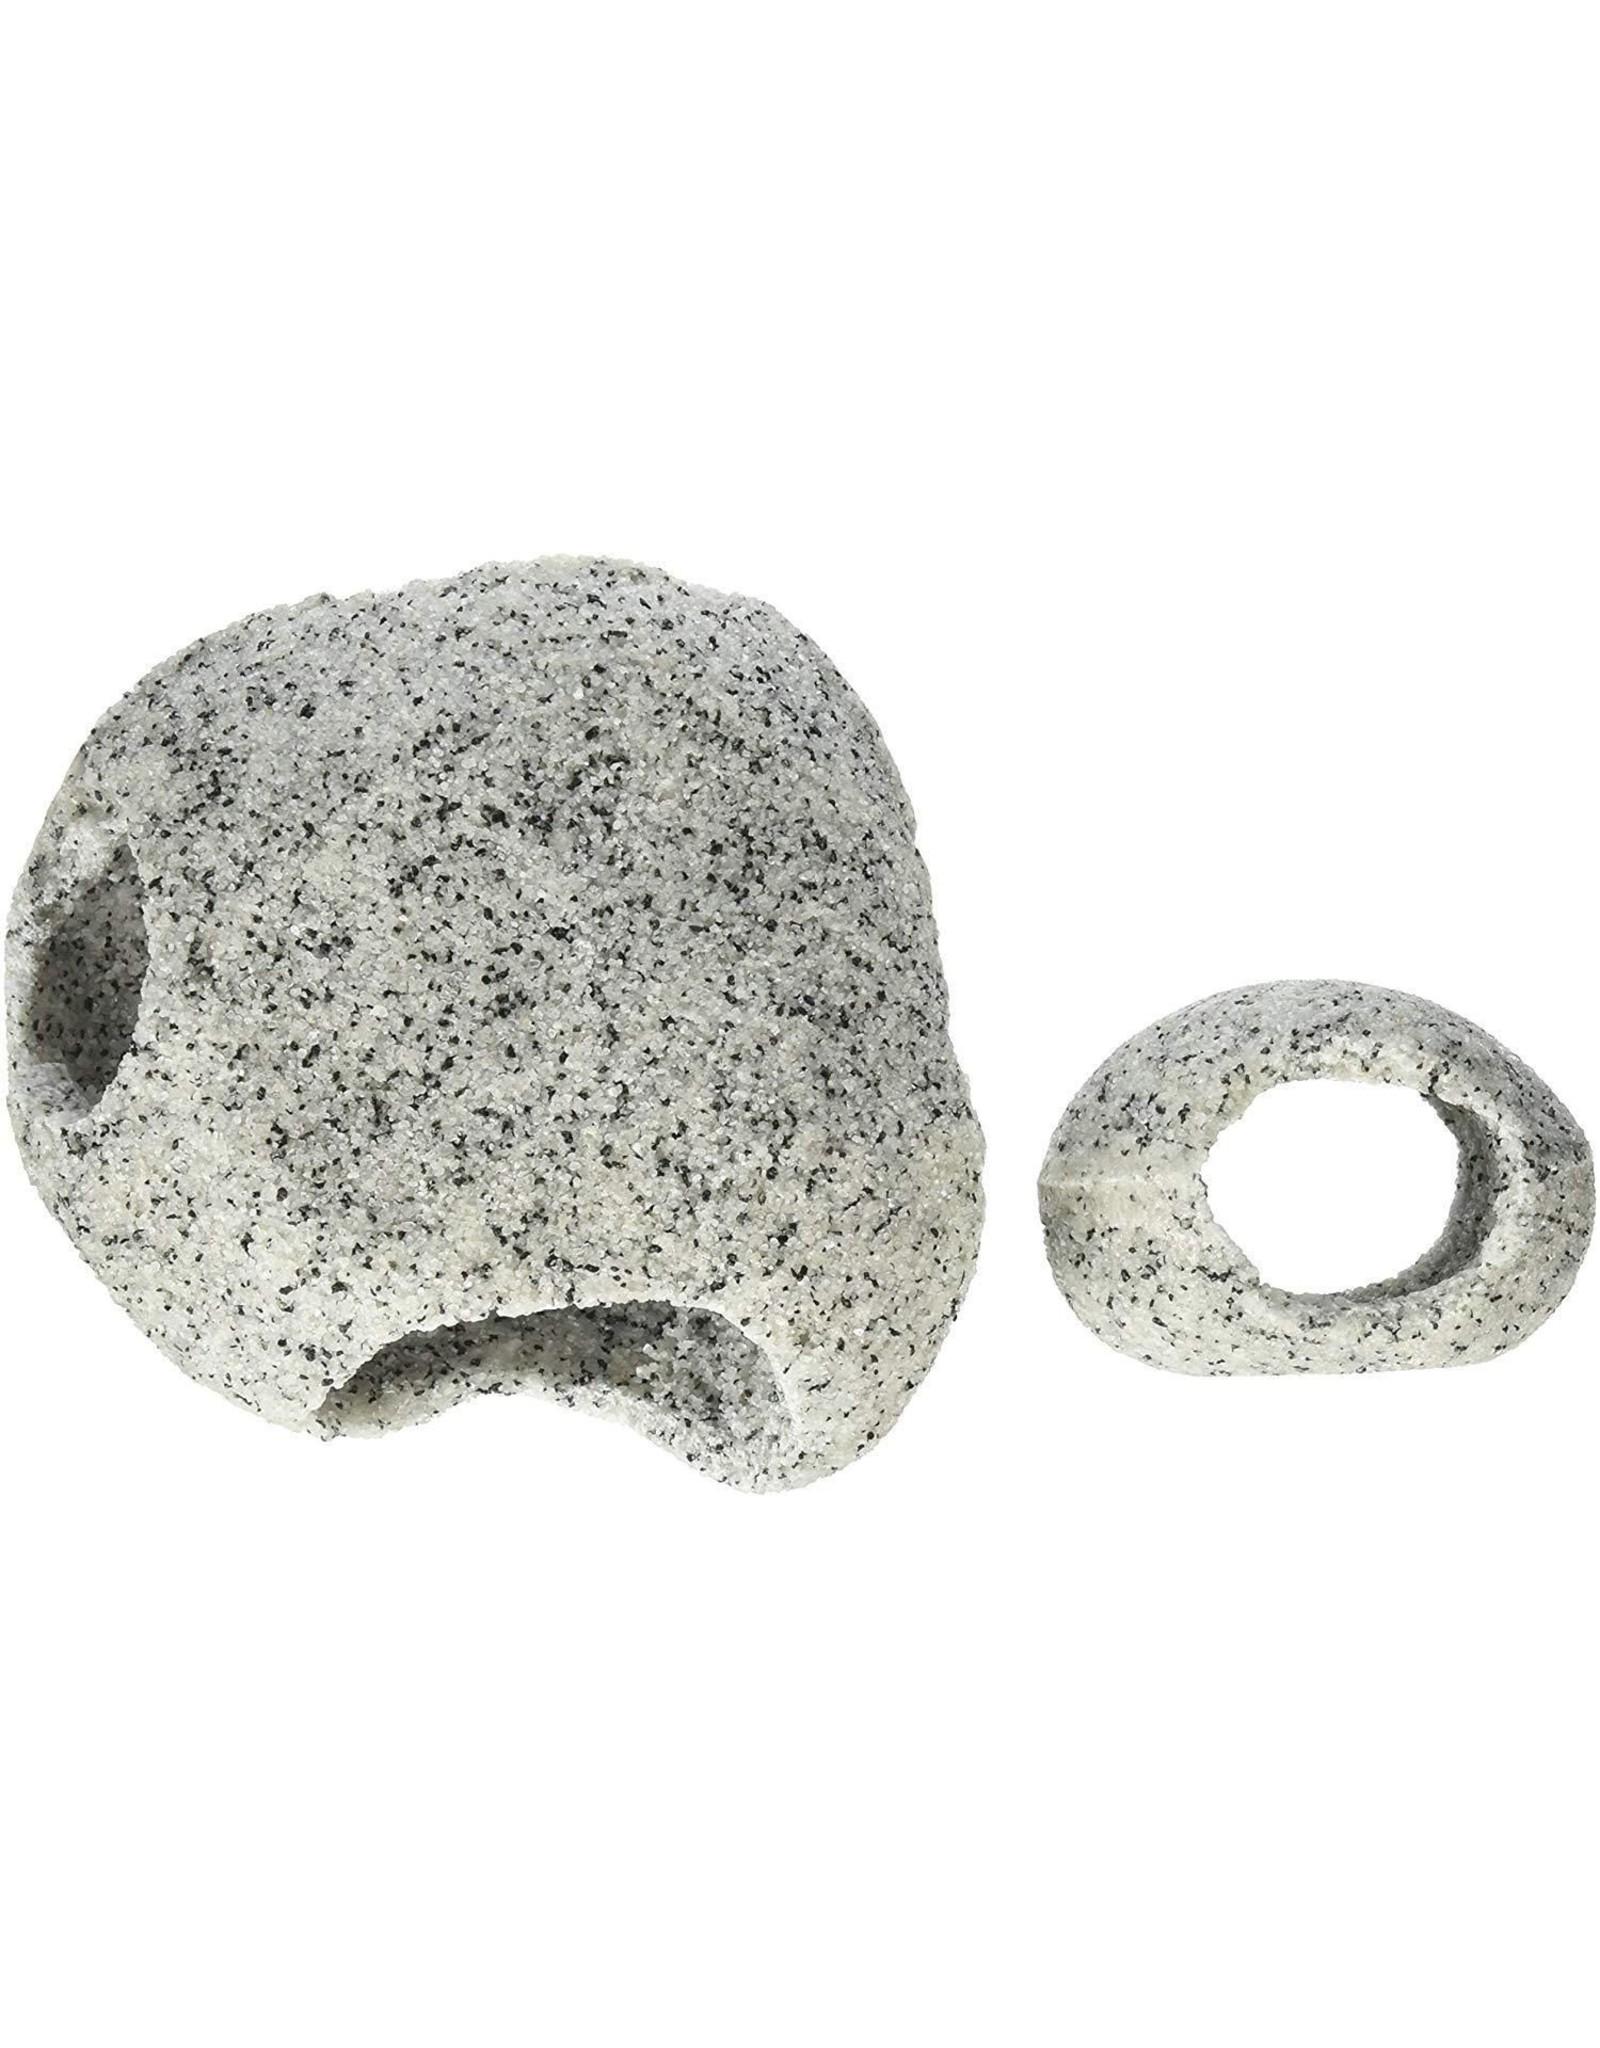 Penn Plax PENN PLAX Granite Stone Hideaway Small/Medium 2 pack